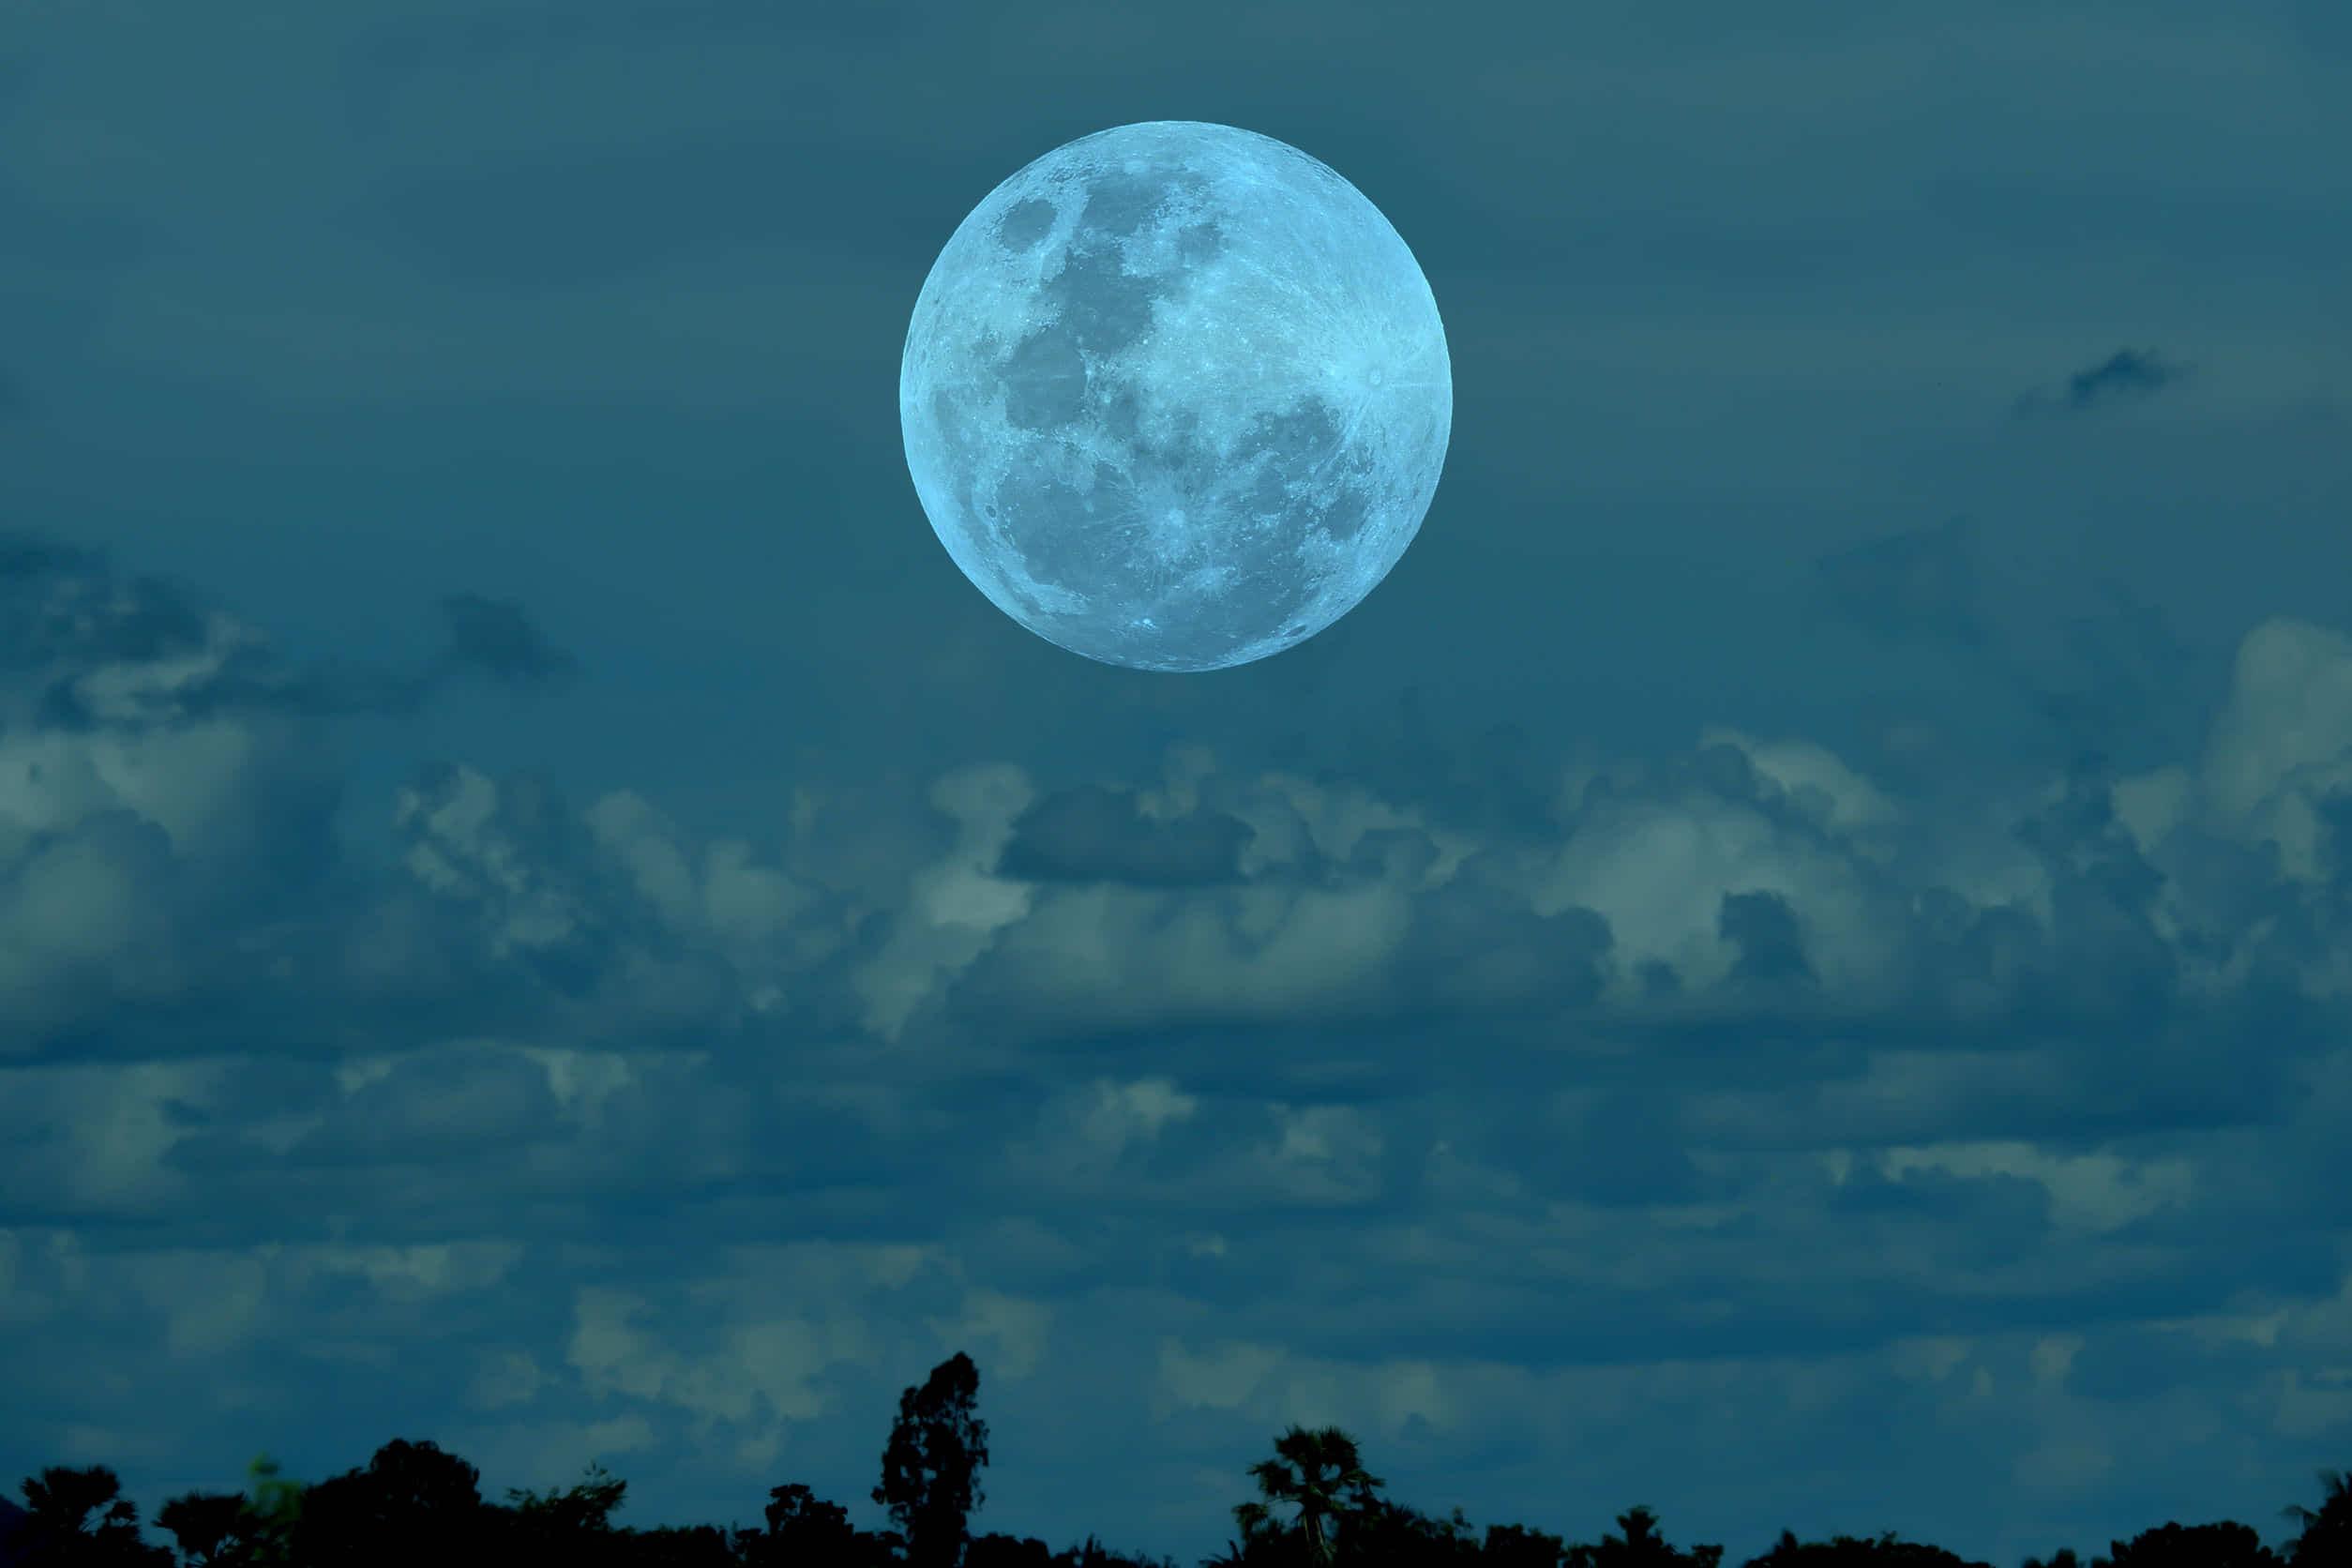 月うさぎ伝説の由来は?ちょっと悲しい昔話。猿や狐は世渡り上手?月見団子のレシピも